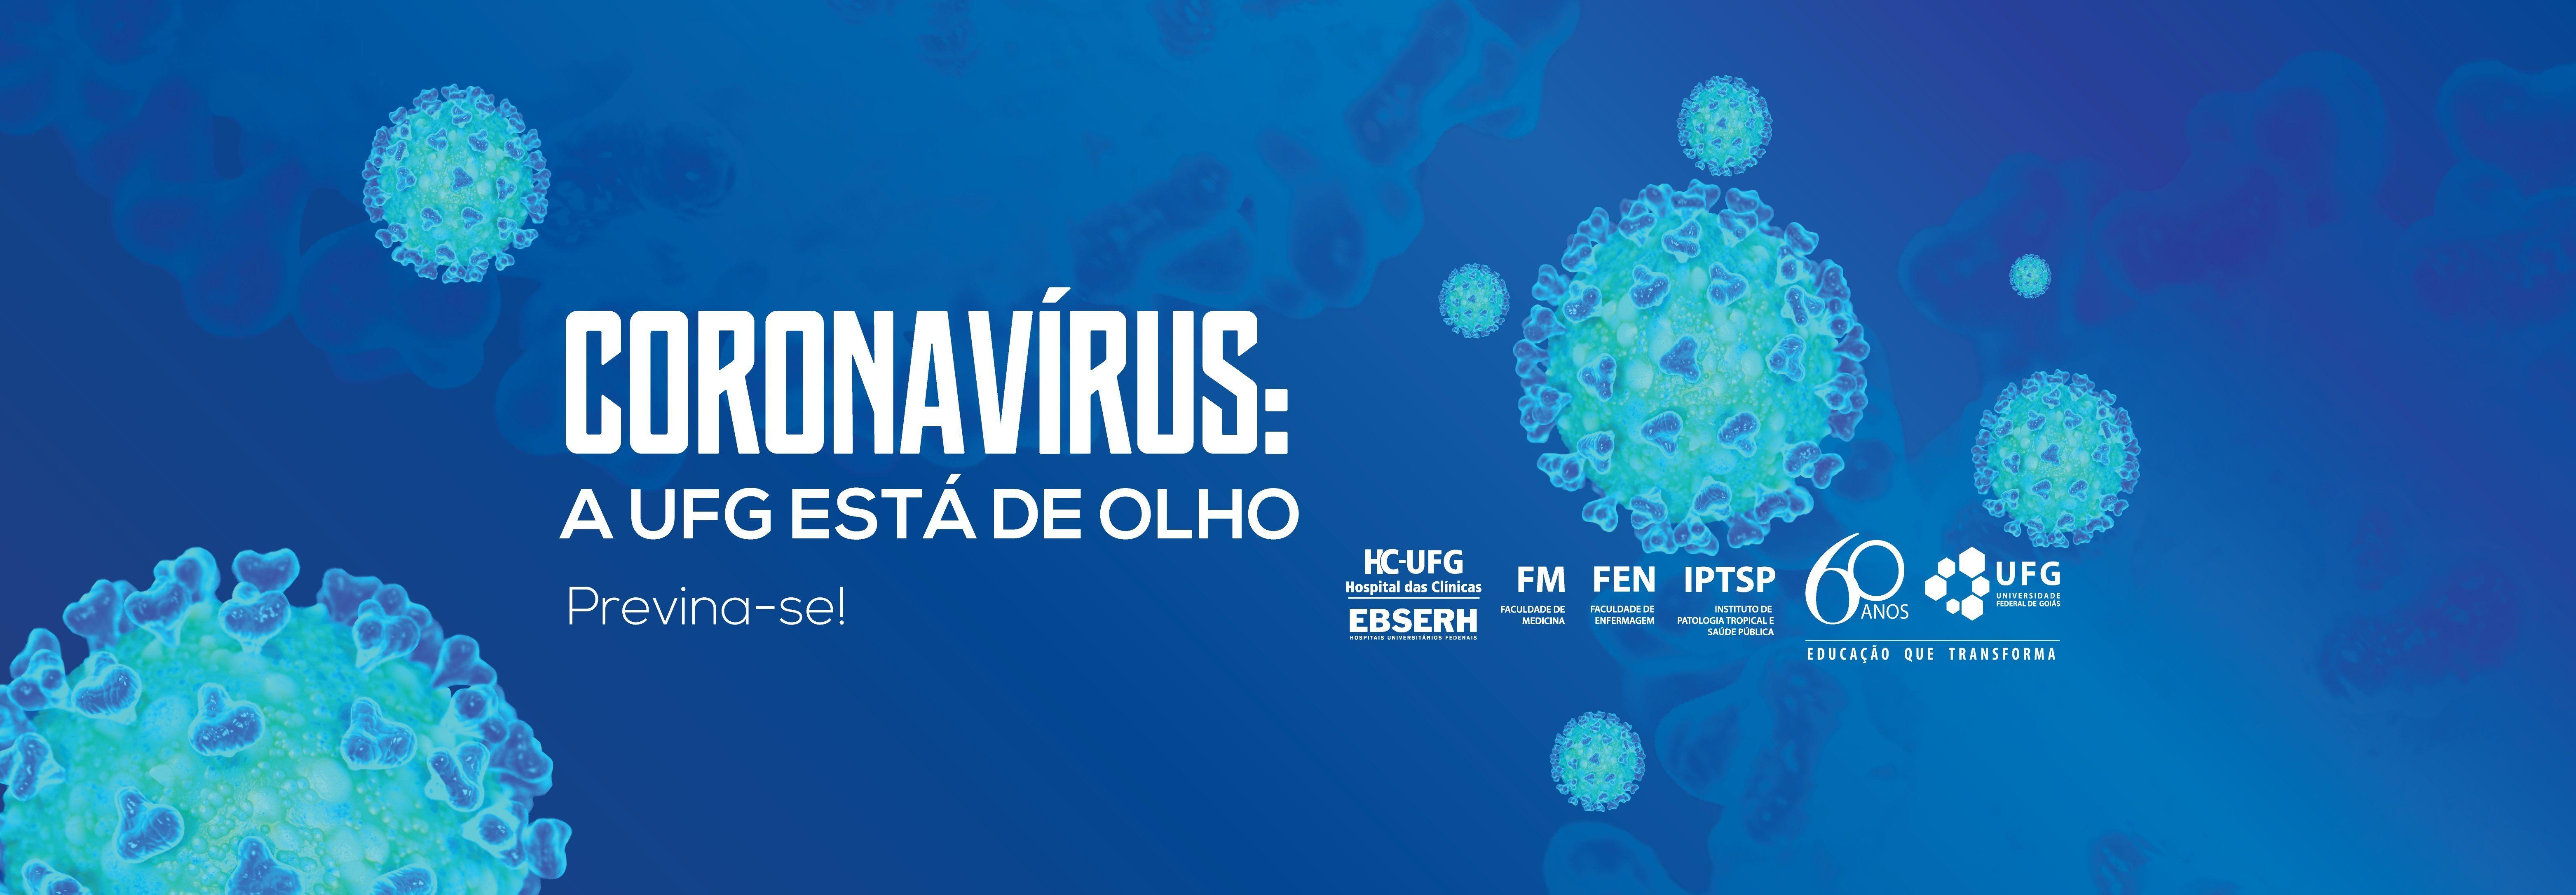 corona-virus-campanha-2020